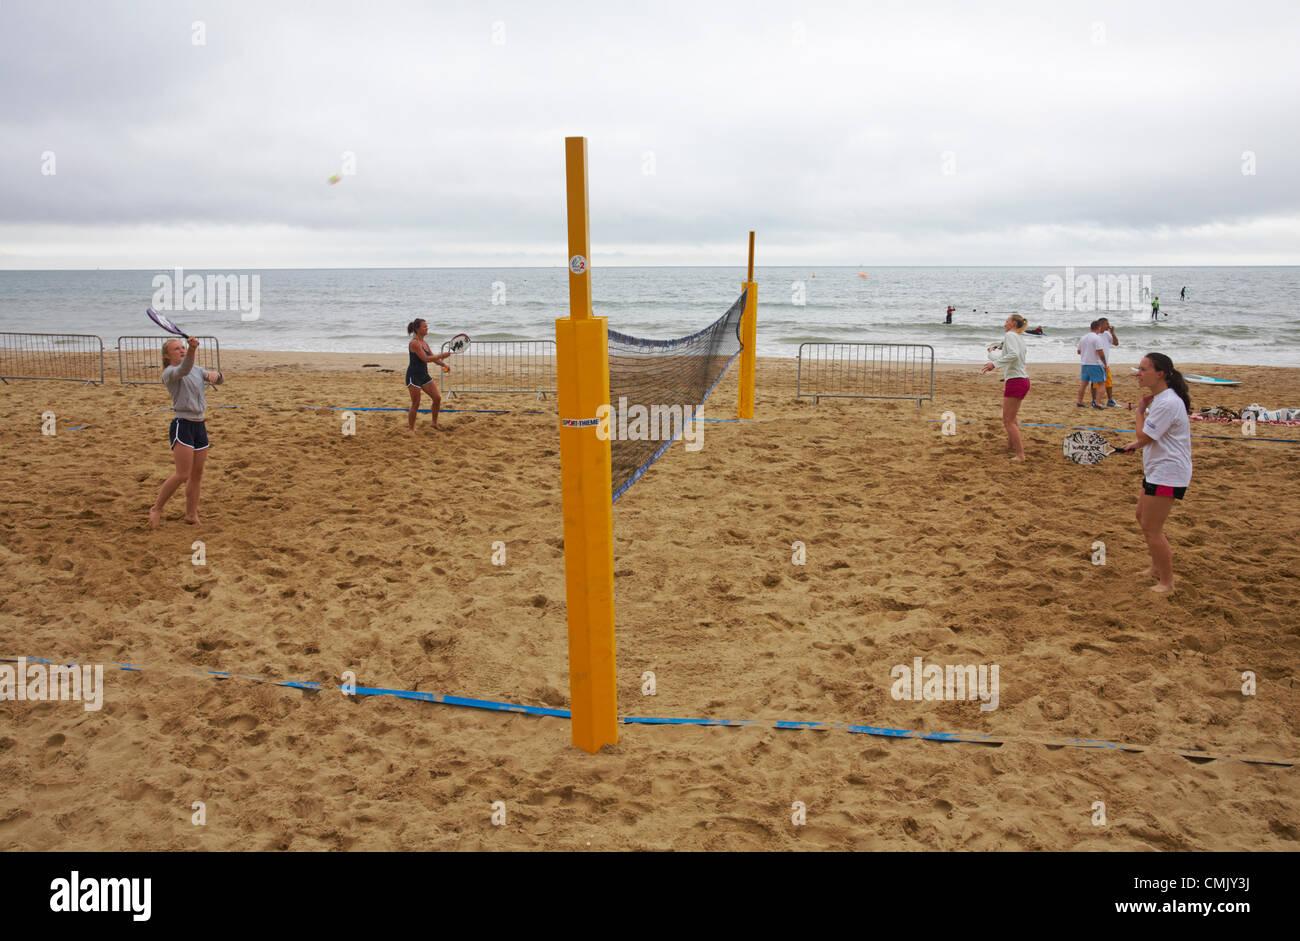 8163ff596 Beach Tennis Photos   Beach Tennis Images - Alamy